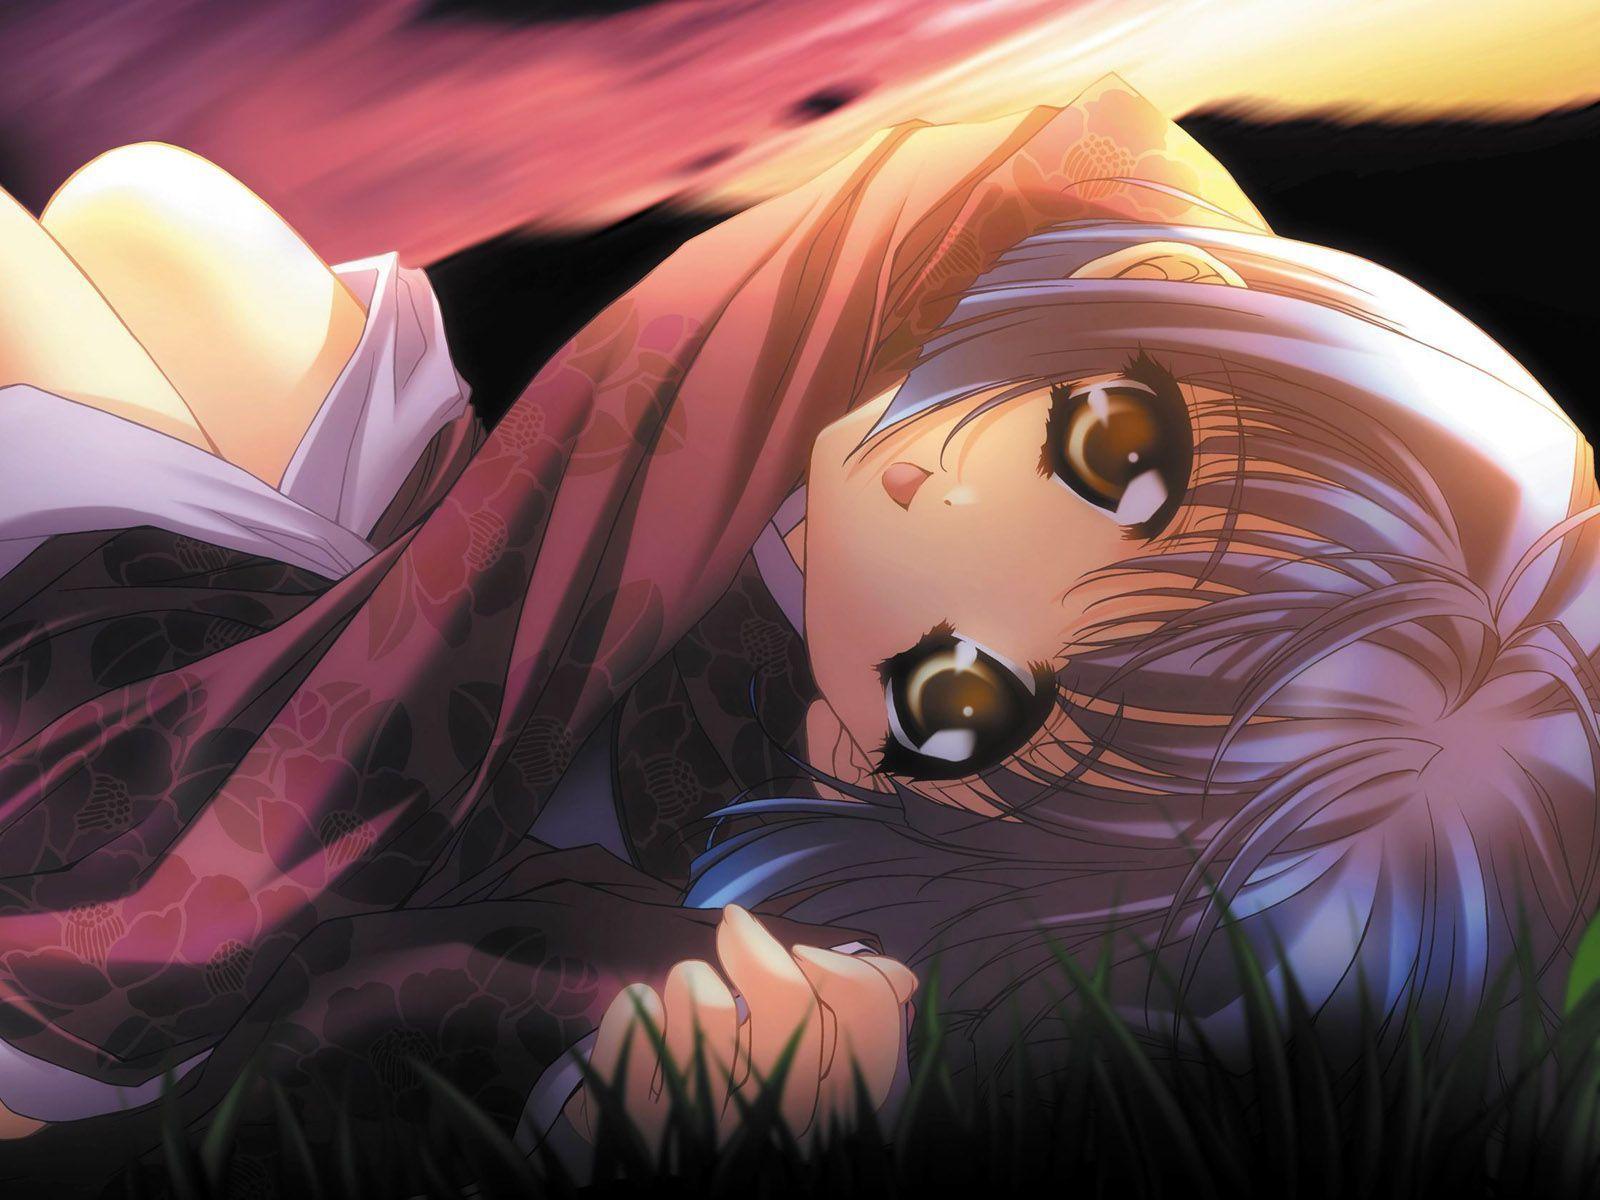 Topic dédié aux images mangas ^^ 14w2jlij